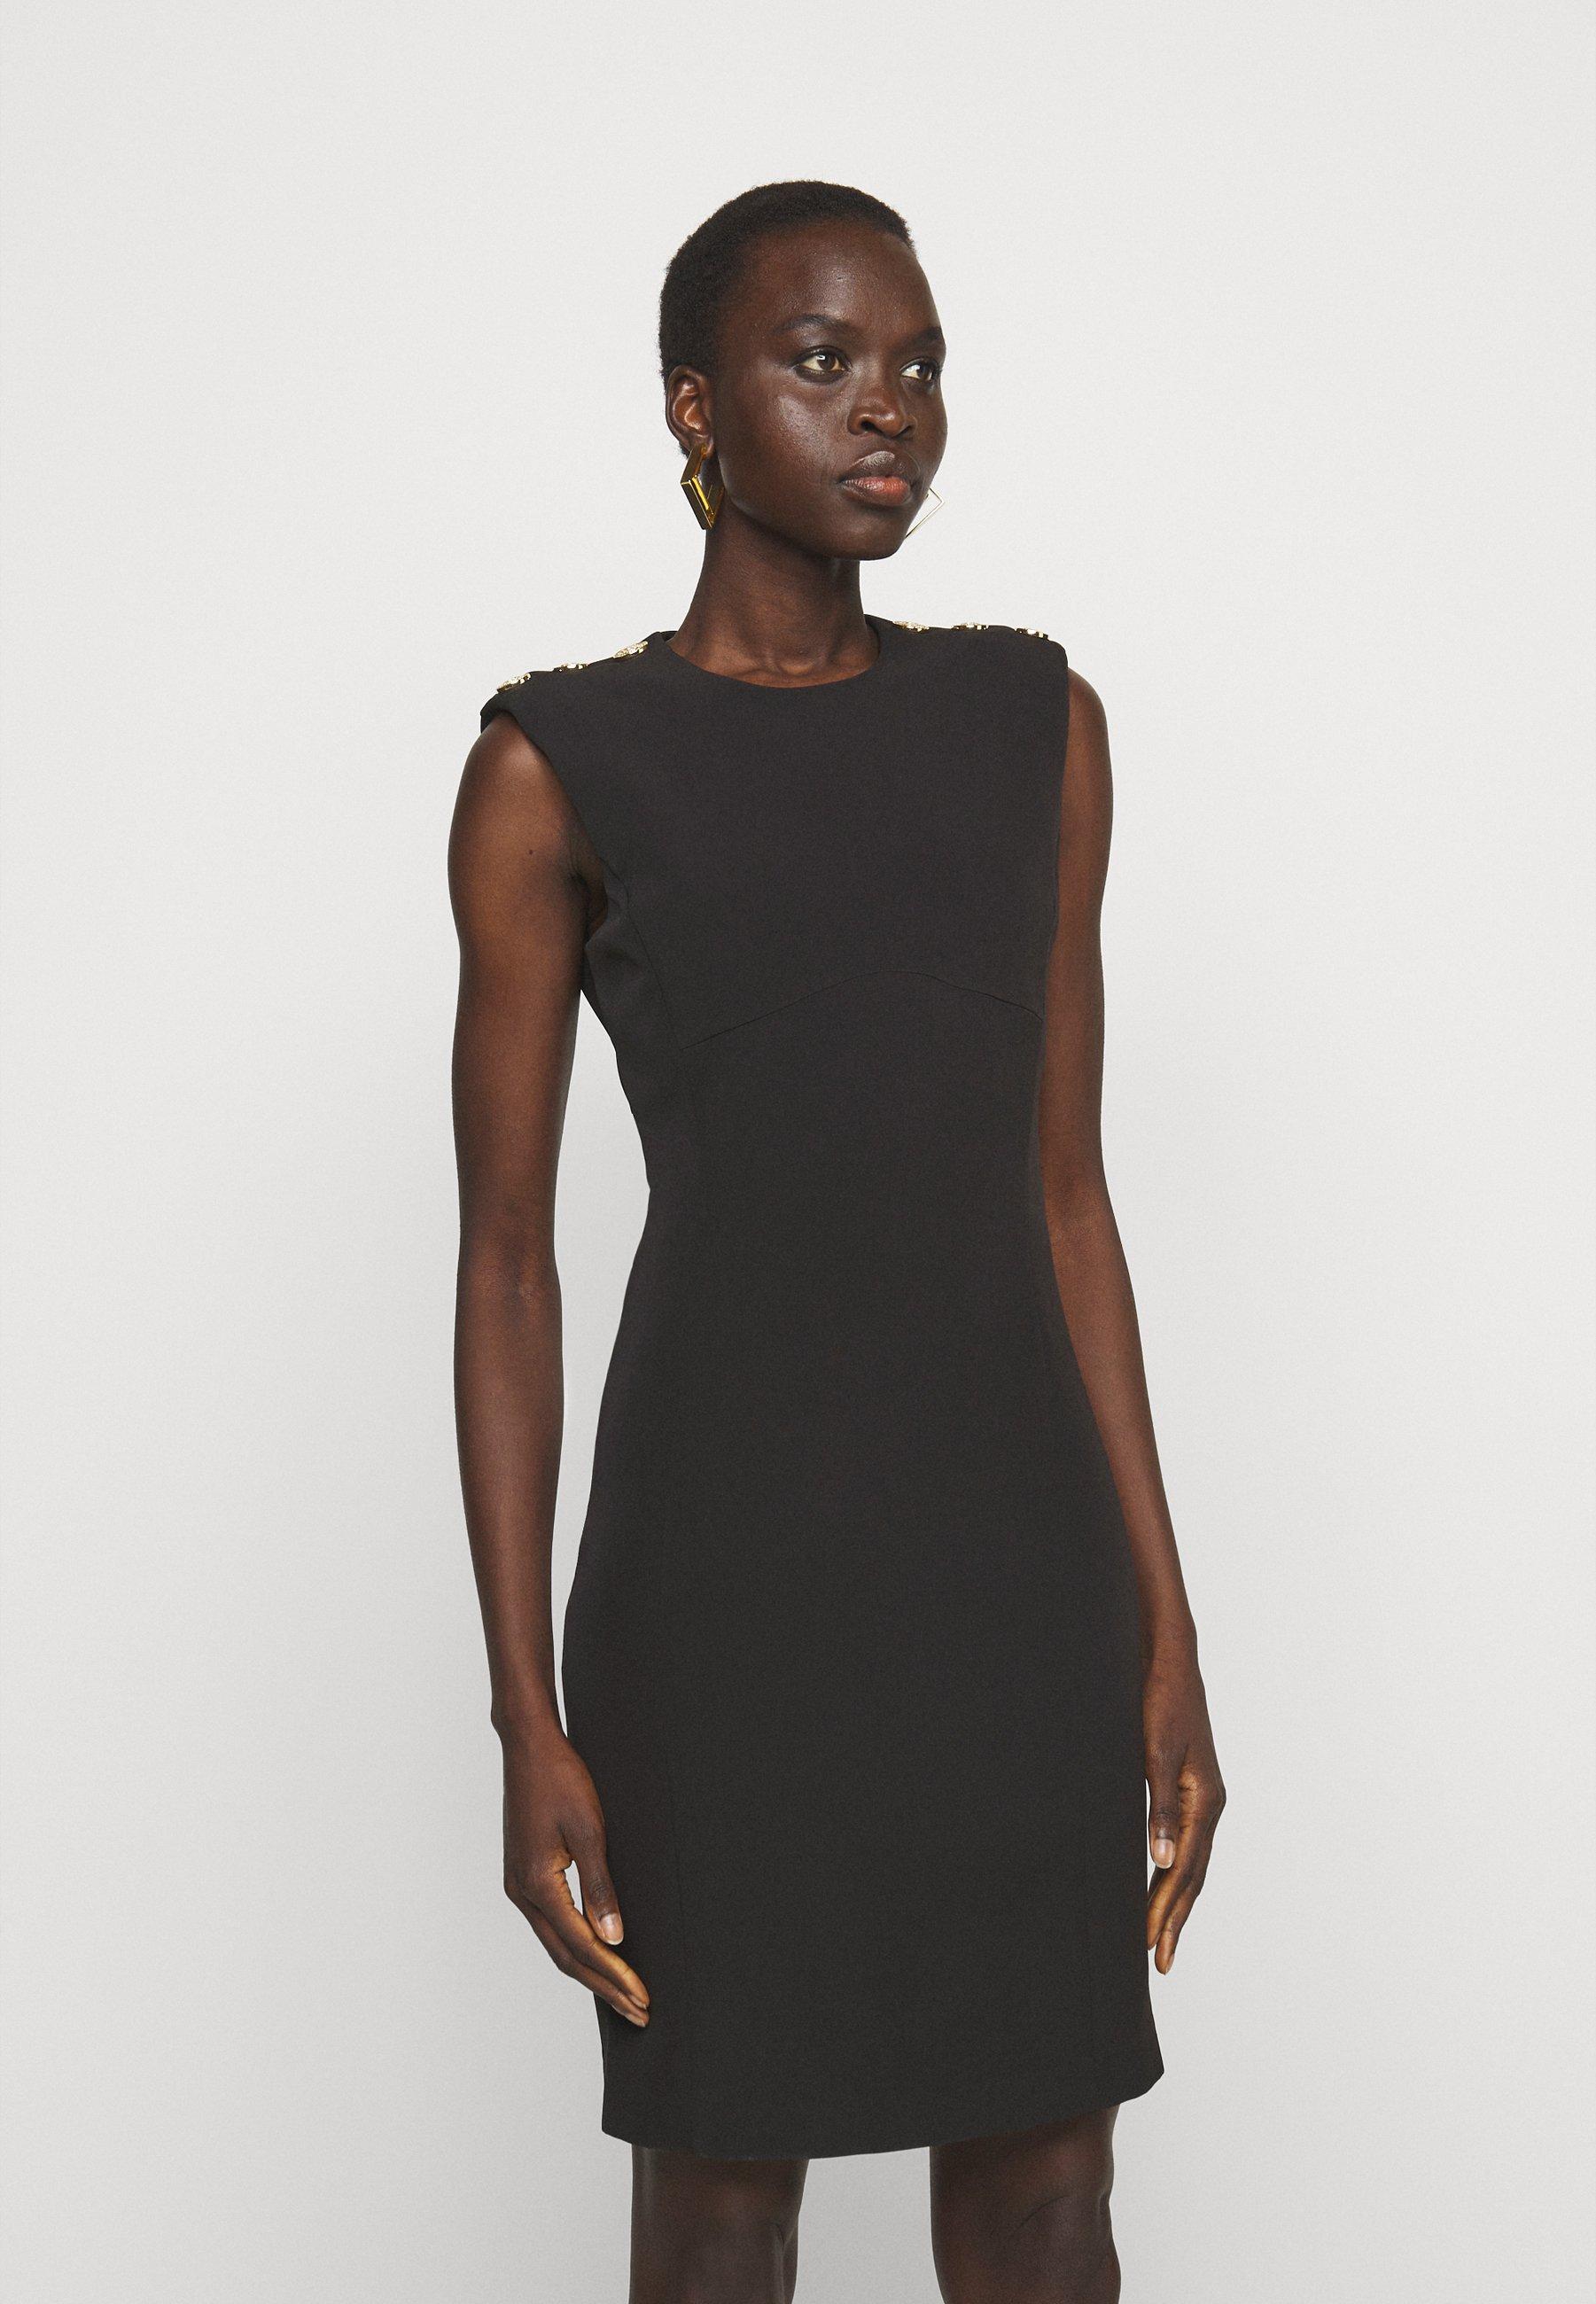 Women INSICURO ABITO TECNICO - Shift dress